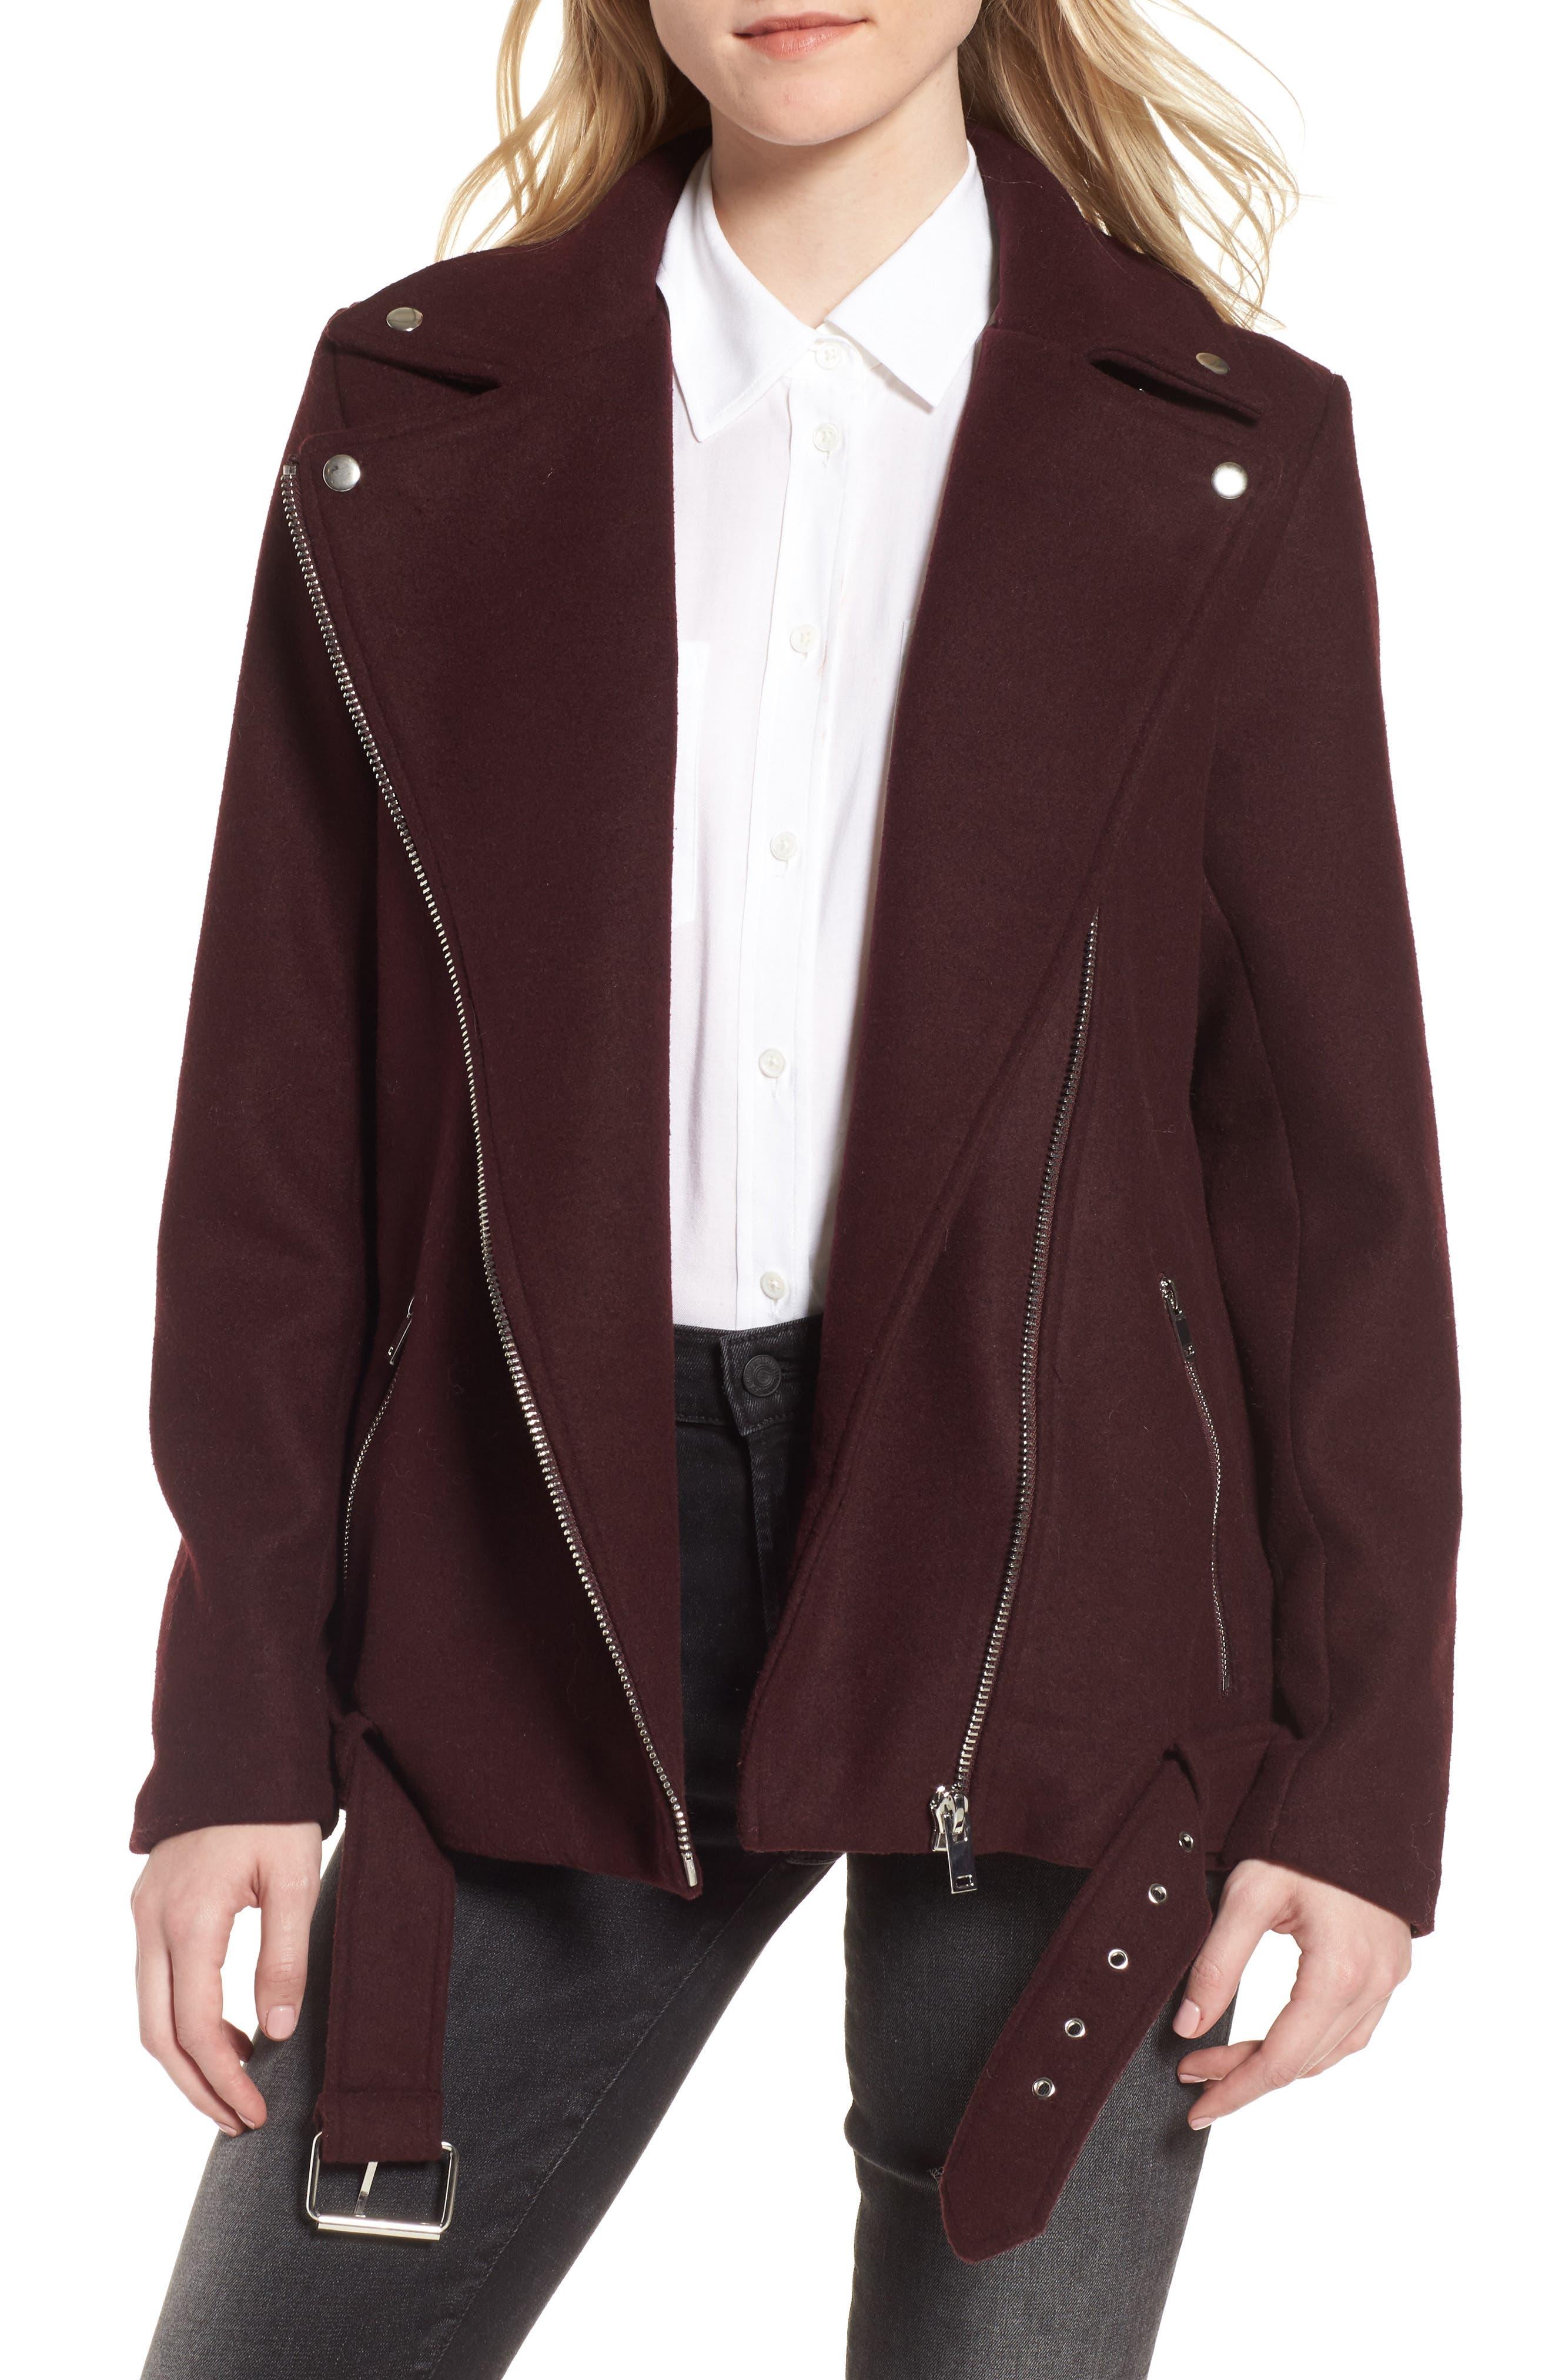 Main Image - LOST INK Asymmetrical Felt Biker Jacket